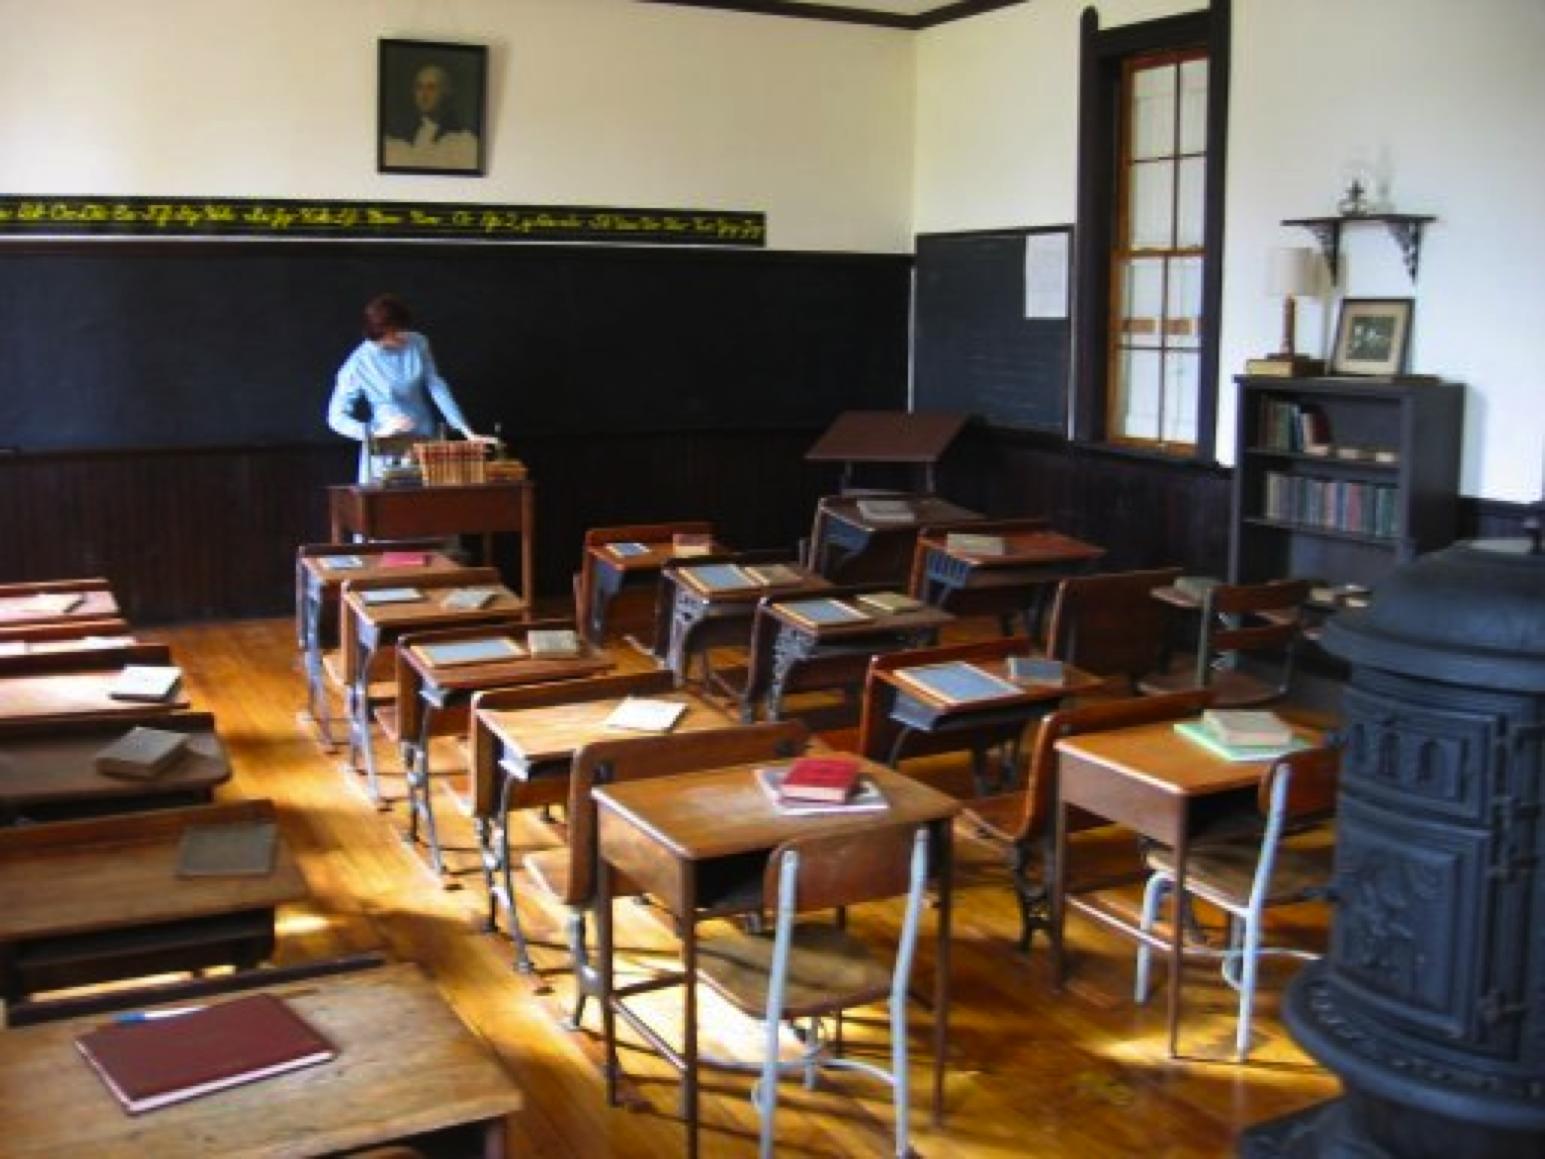 Visualizing Learning Spaces | Rethinking Learning